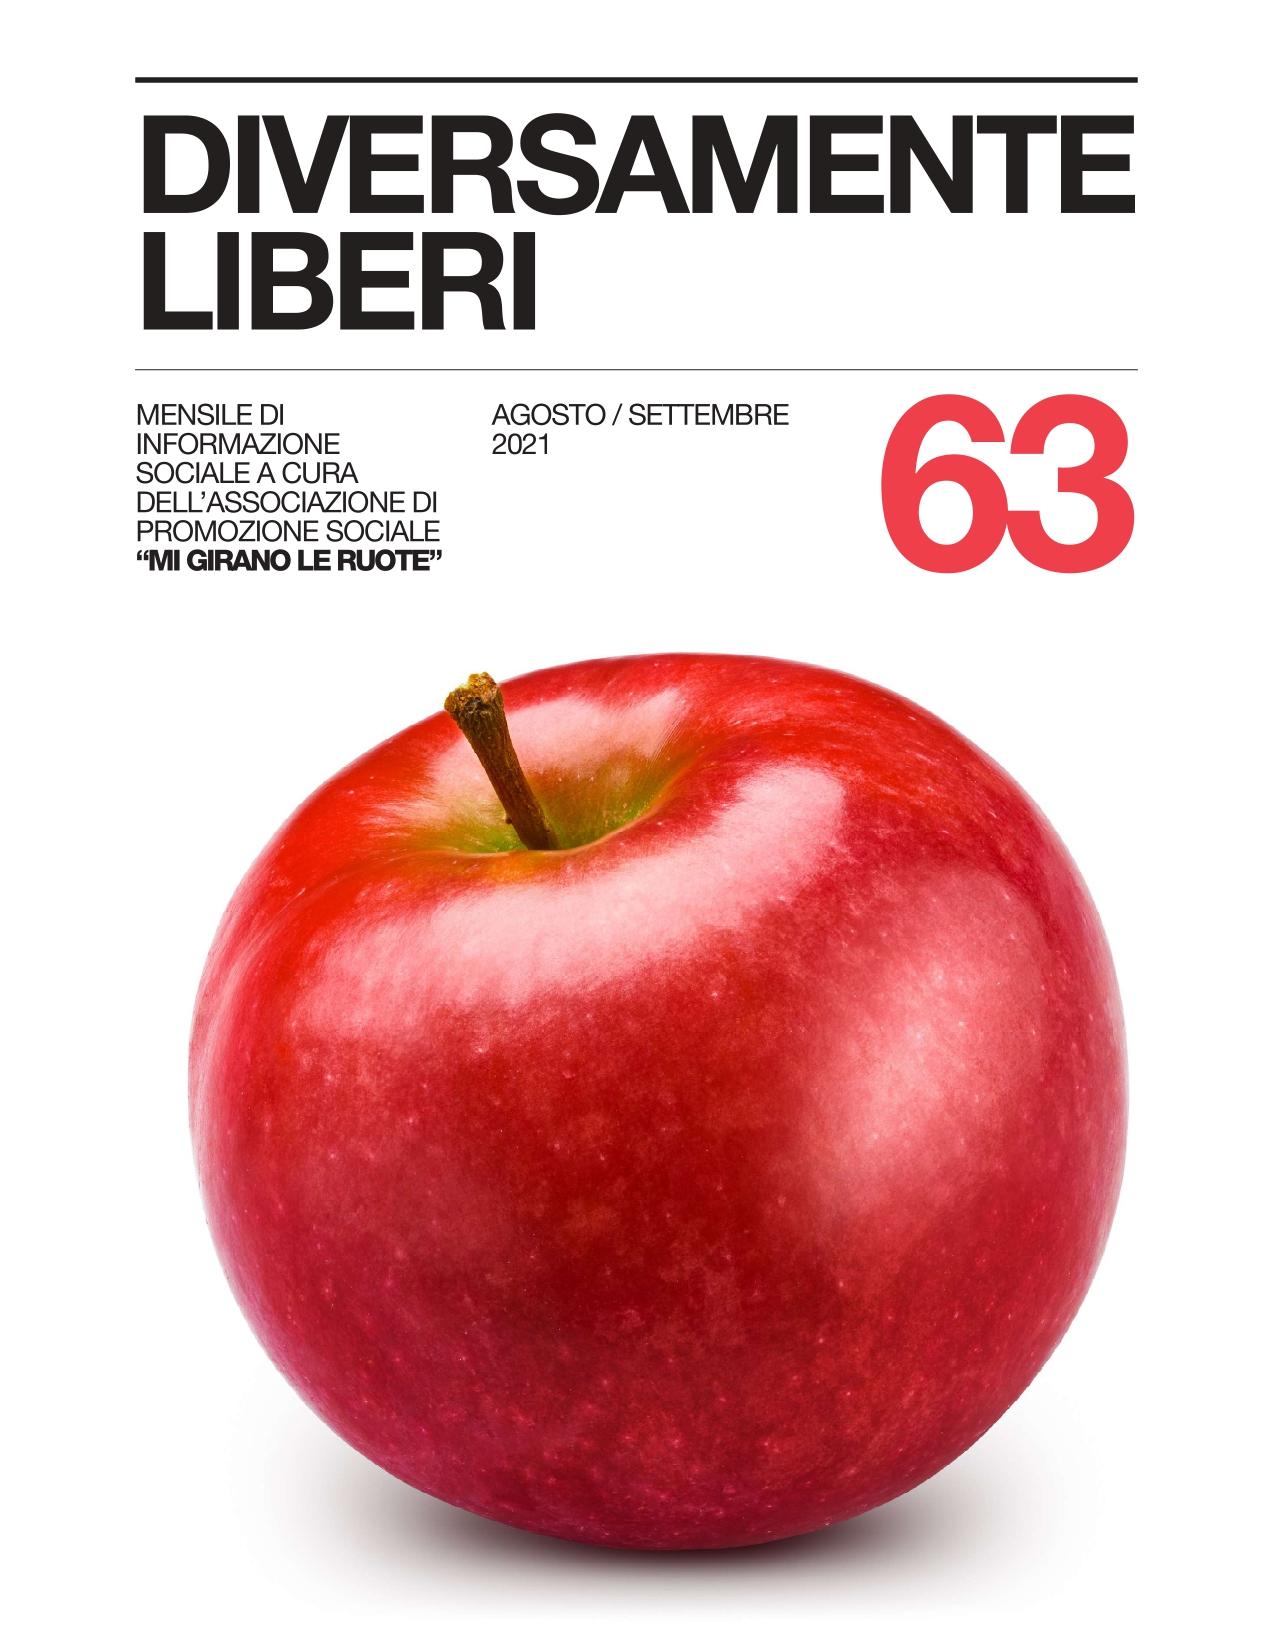 Diversamente Liberi n.63 Agosto